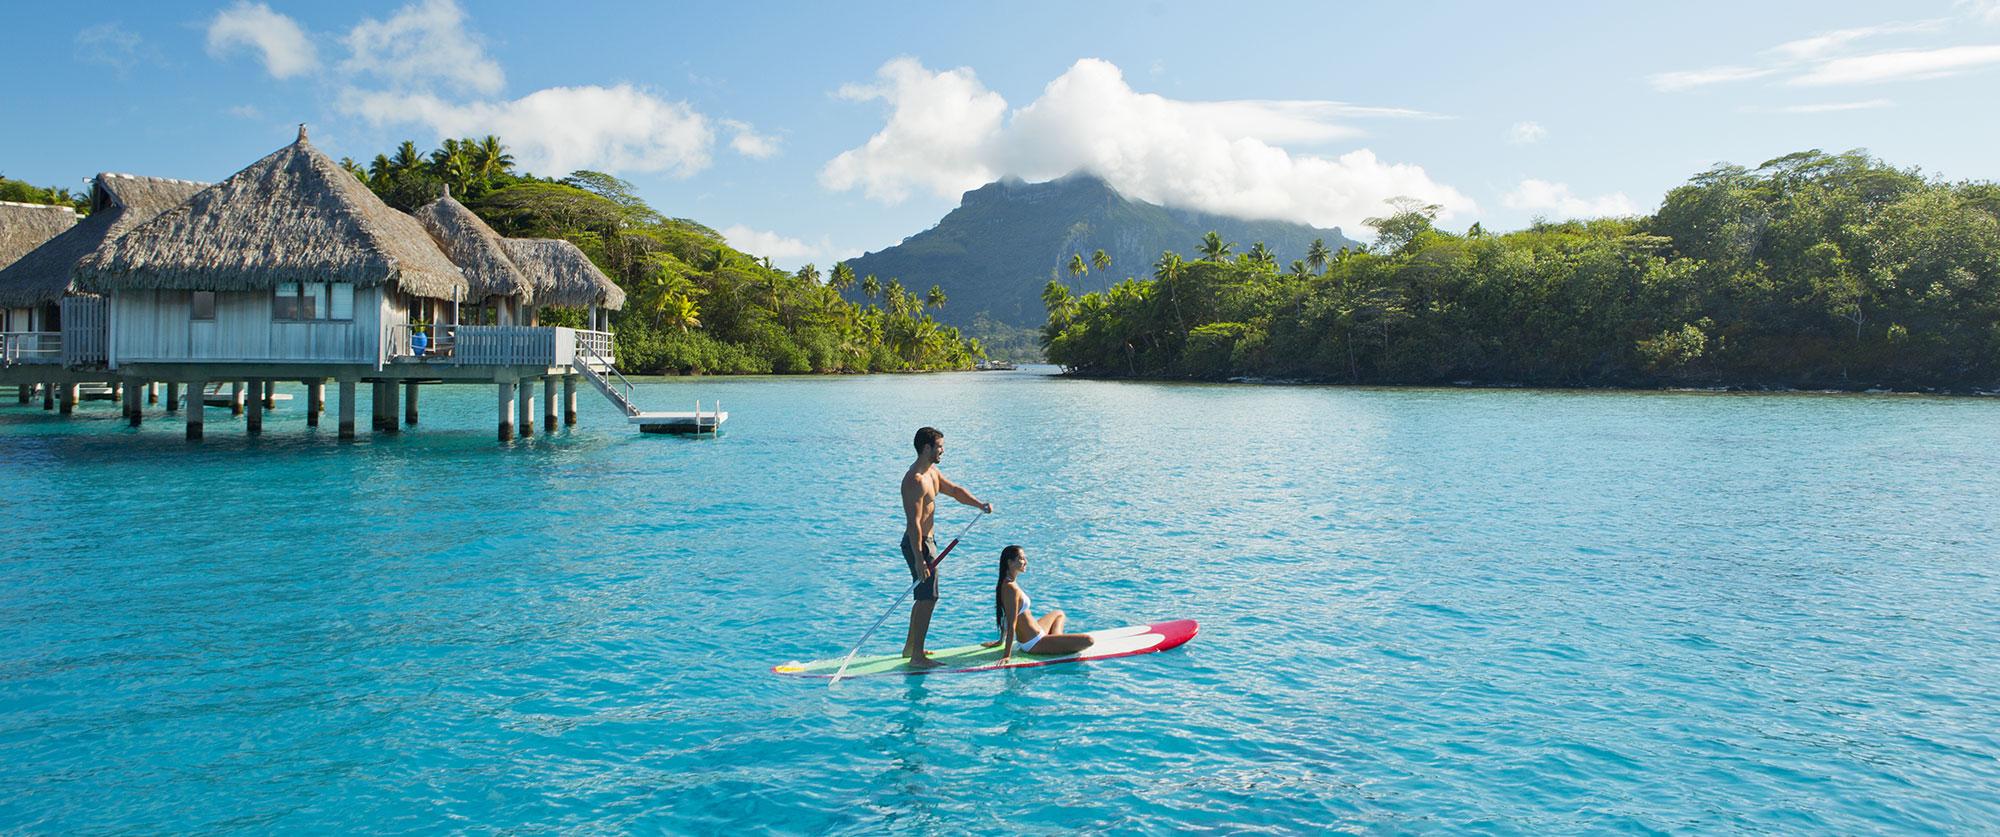 Bora Bora Honeymoons: Beach Resorts and Overwater Bungalow Vacation